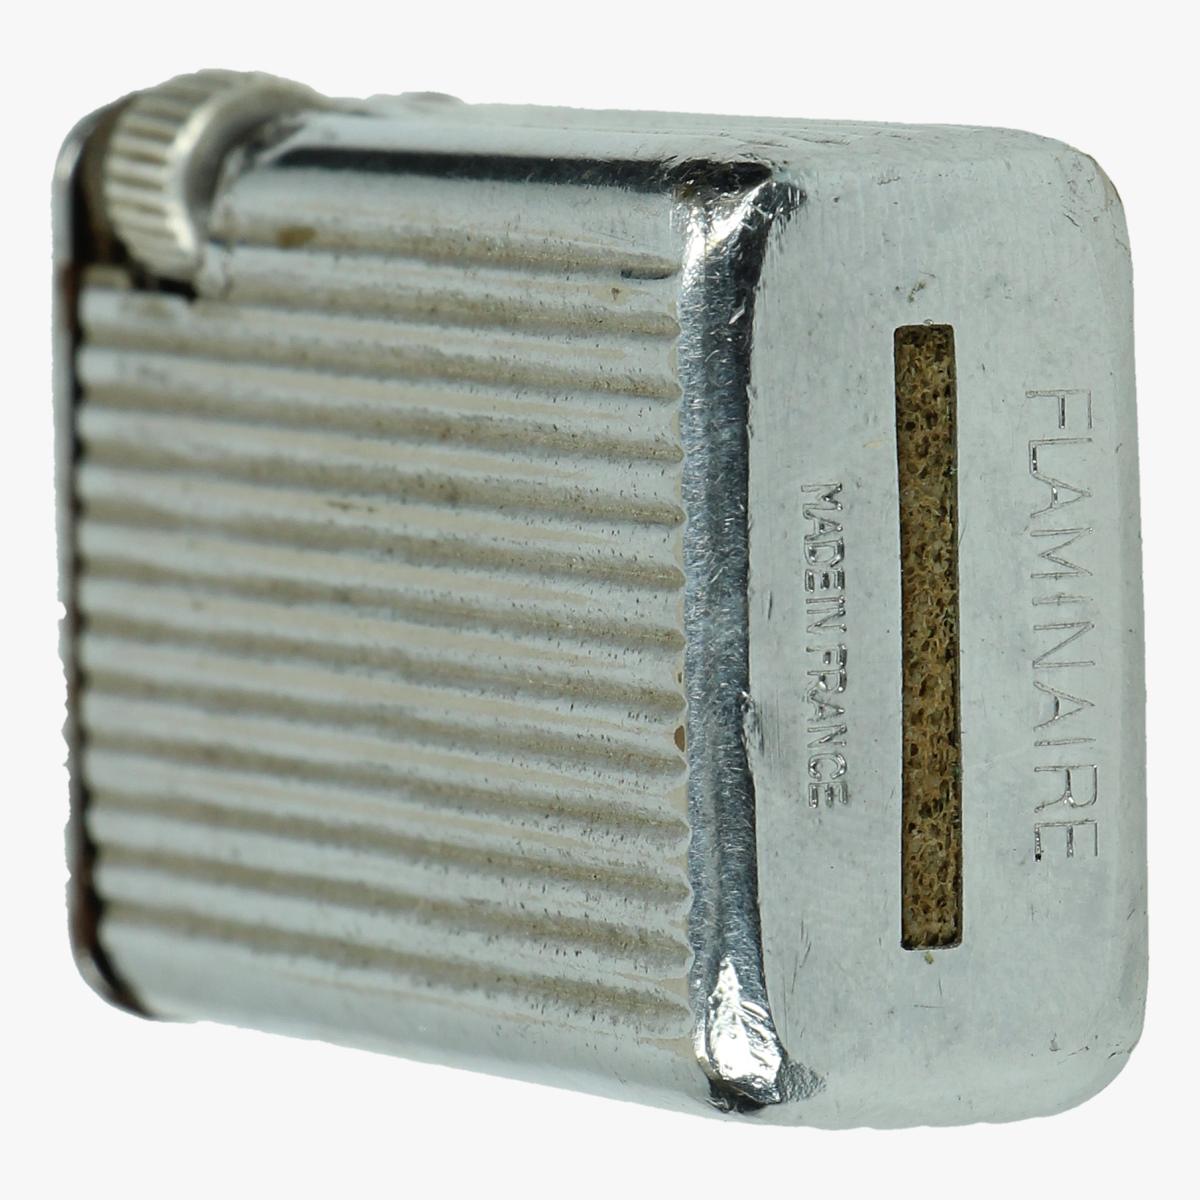 Afbeeldingen van oude aansteker flaminaire made in france